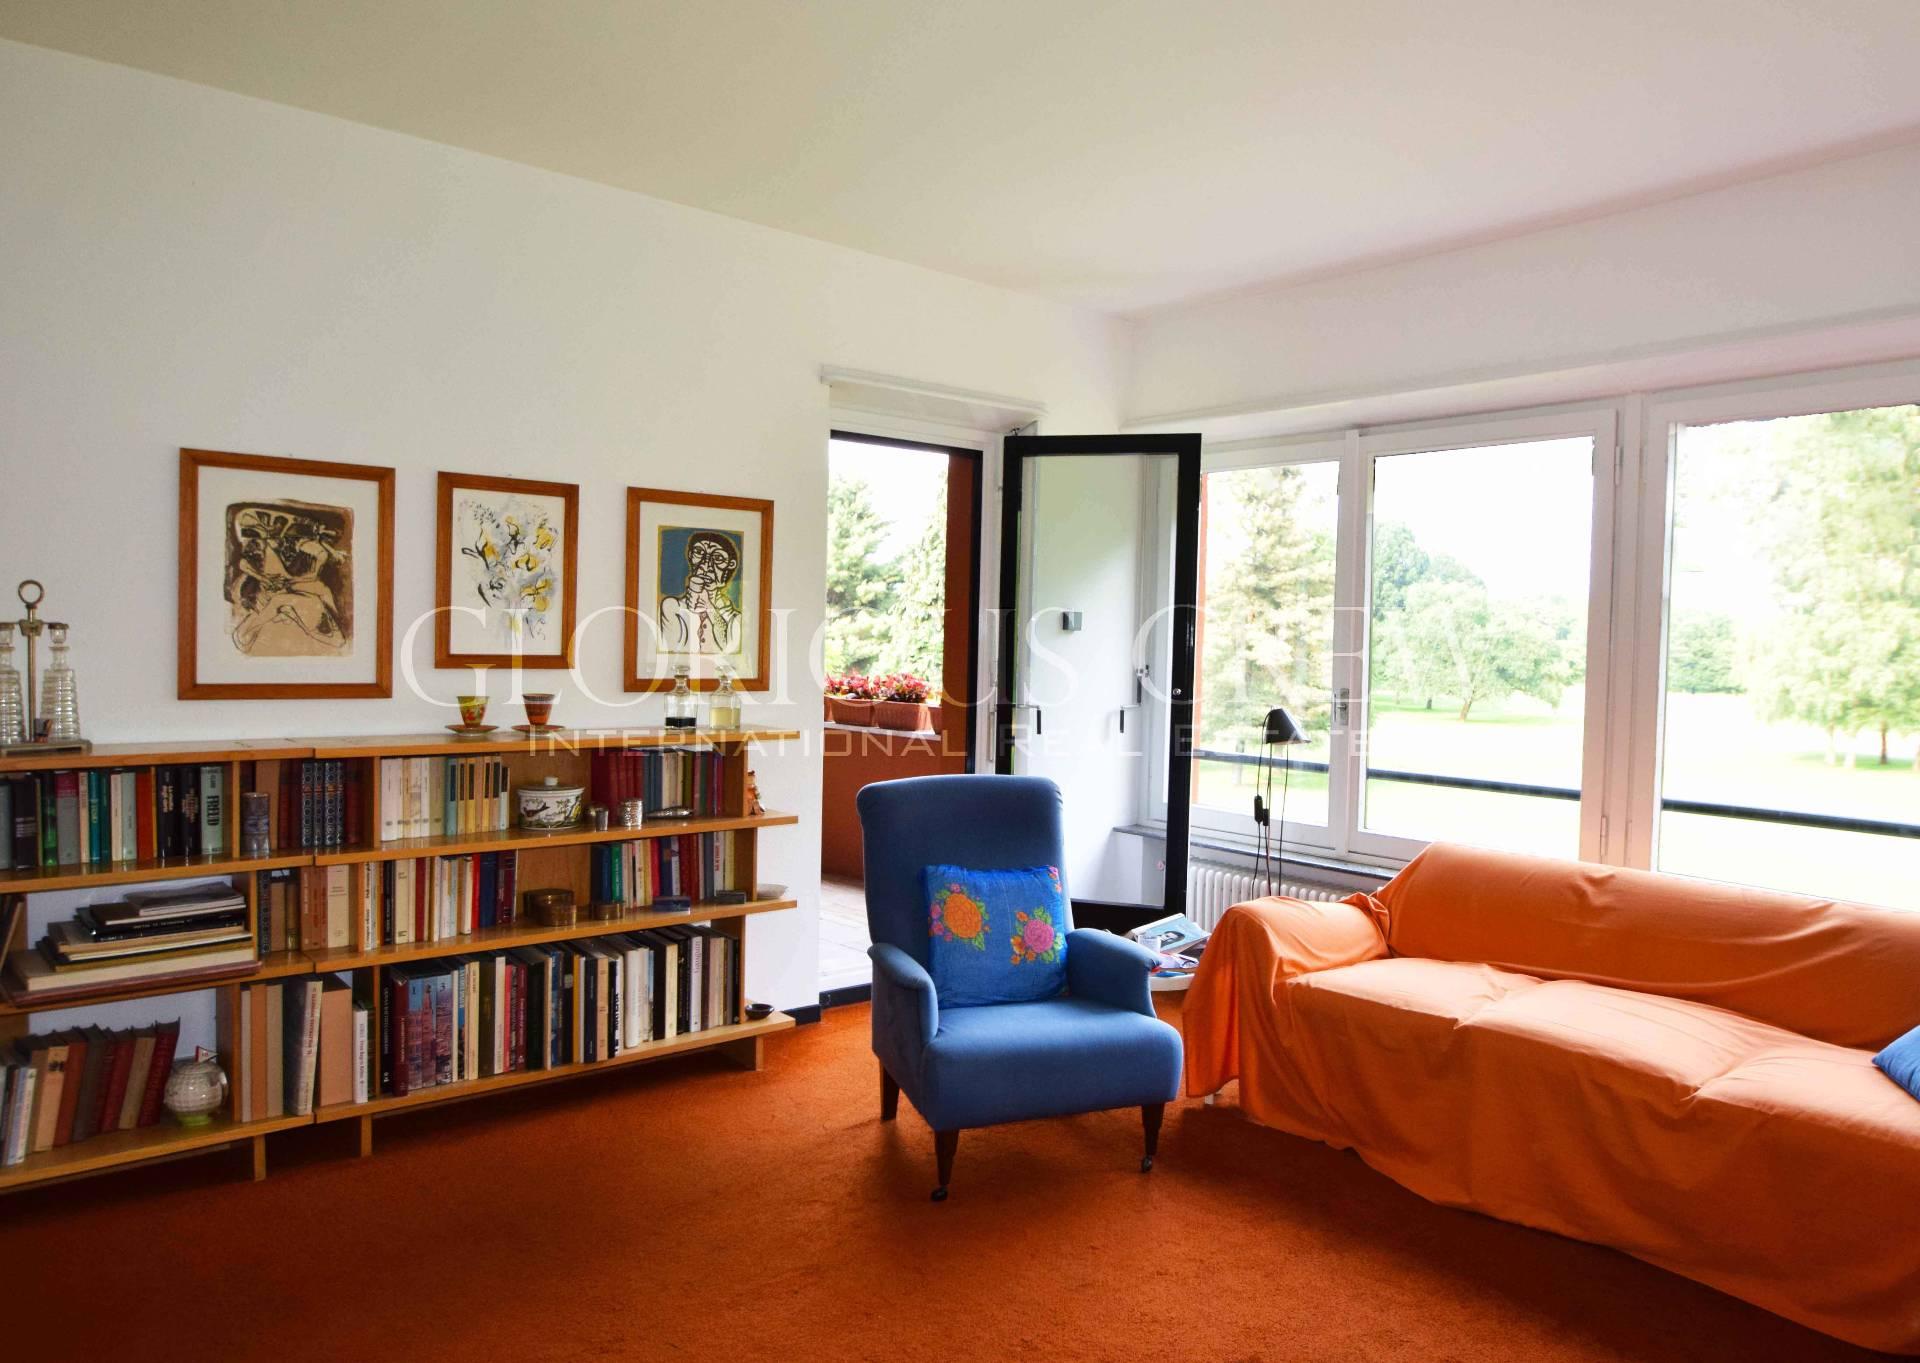 Appartamento in Vendita a Cassina Rizzardi: 4 locali, 130 mq - Foto 2